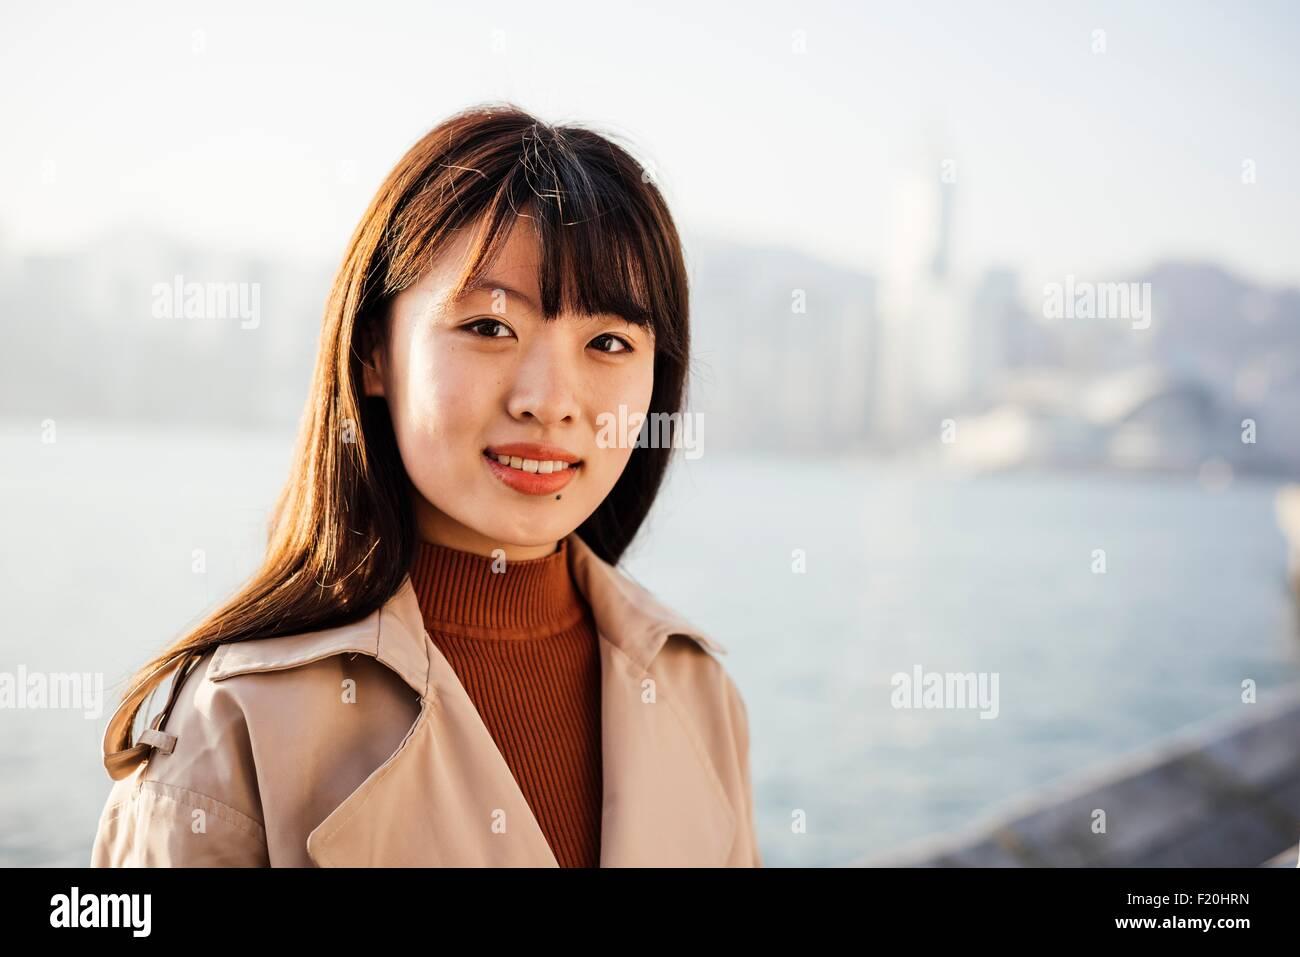 Retrato de mujer joven con el pelo largo en frente del agua mirando a la cámara sonriendo Imagen De Stock